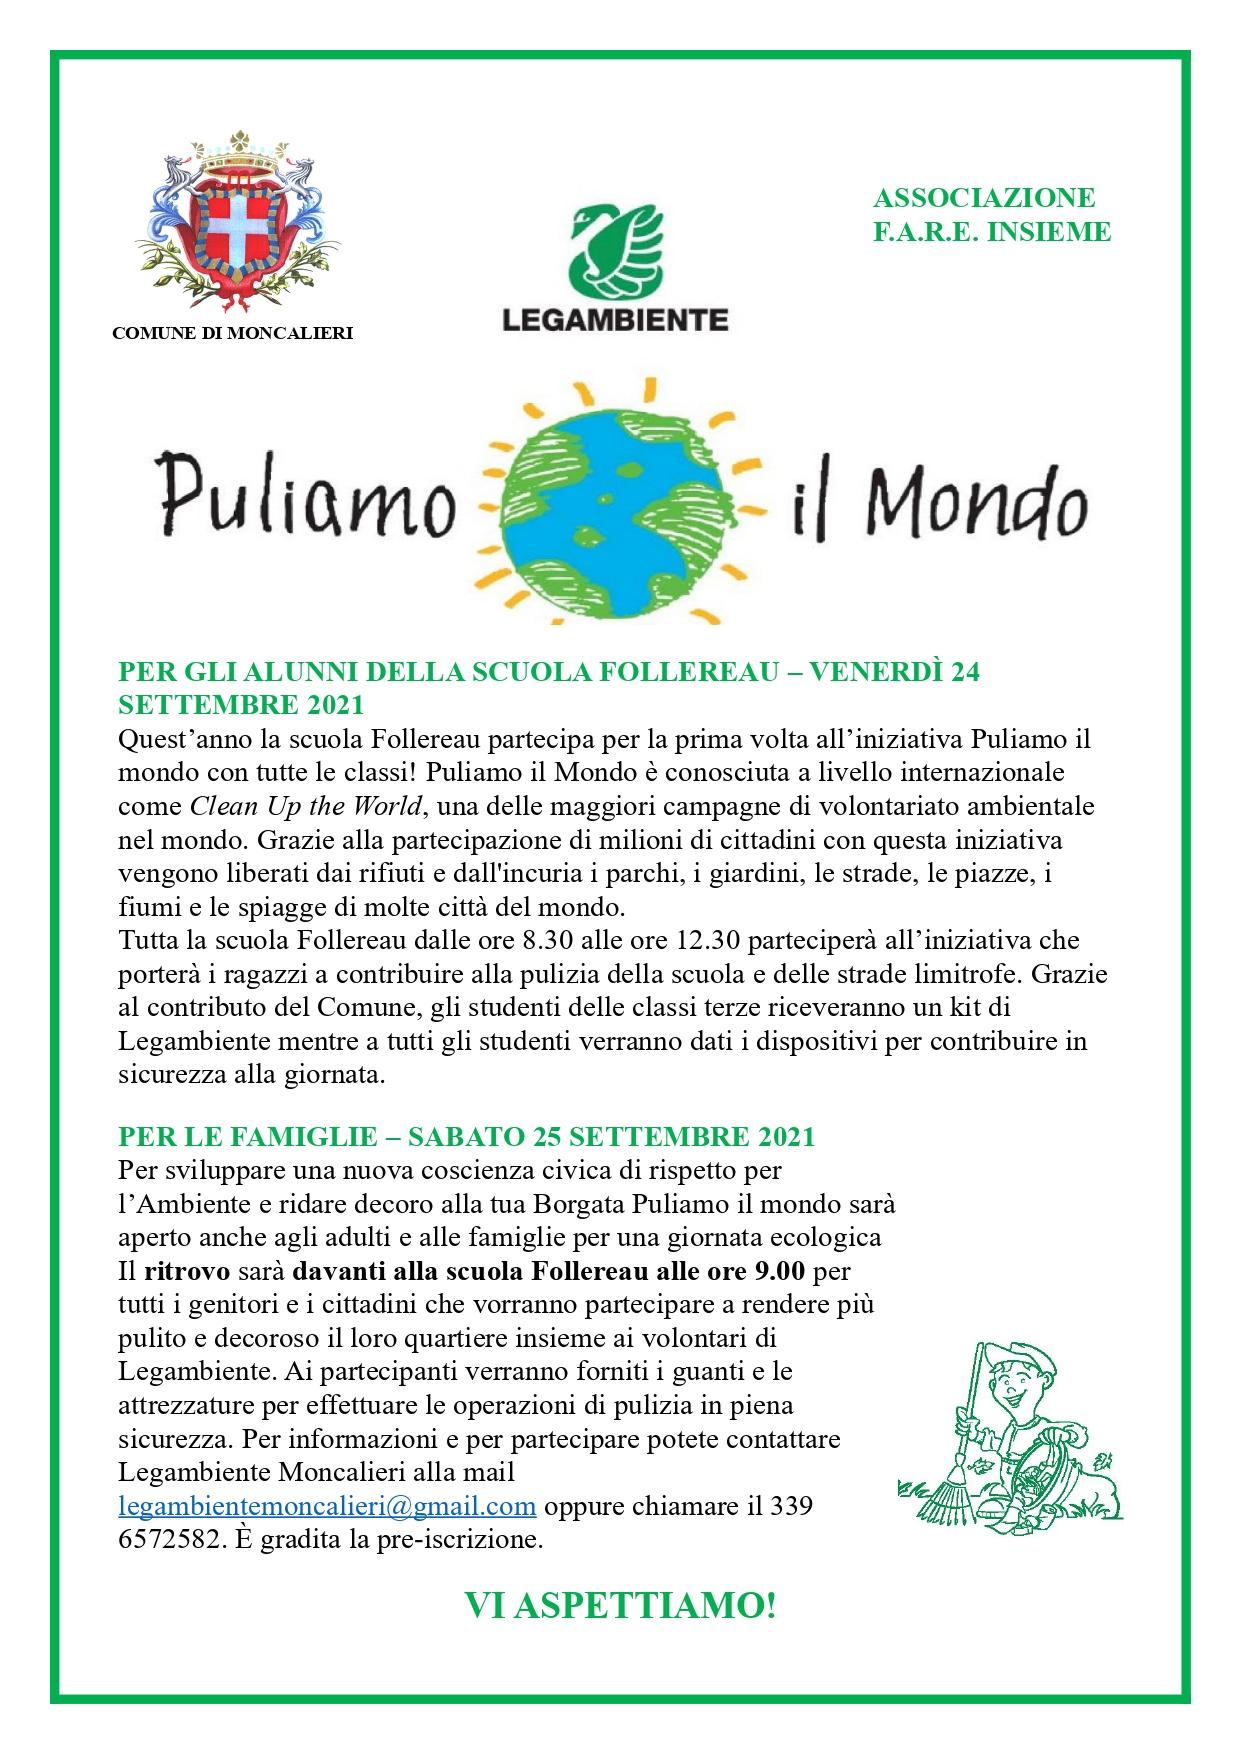 PULIAMO IL MONDO - La campagna Clean Up the World